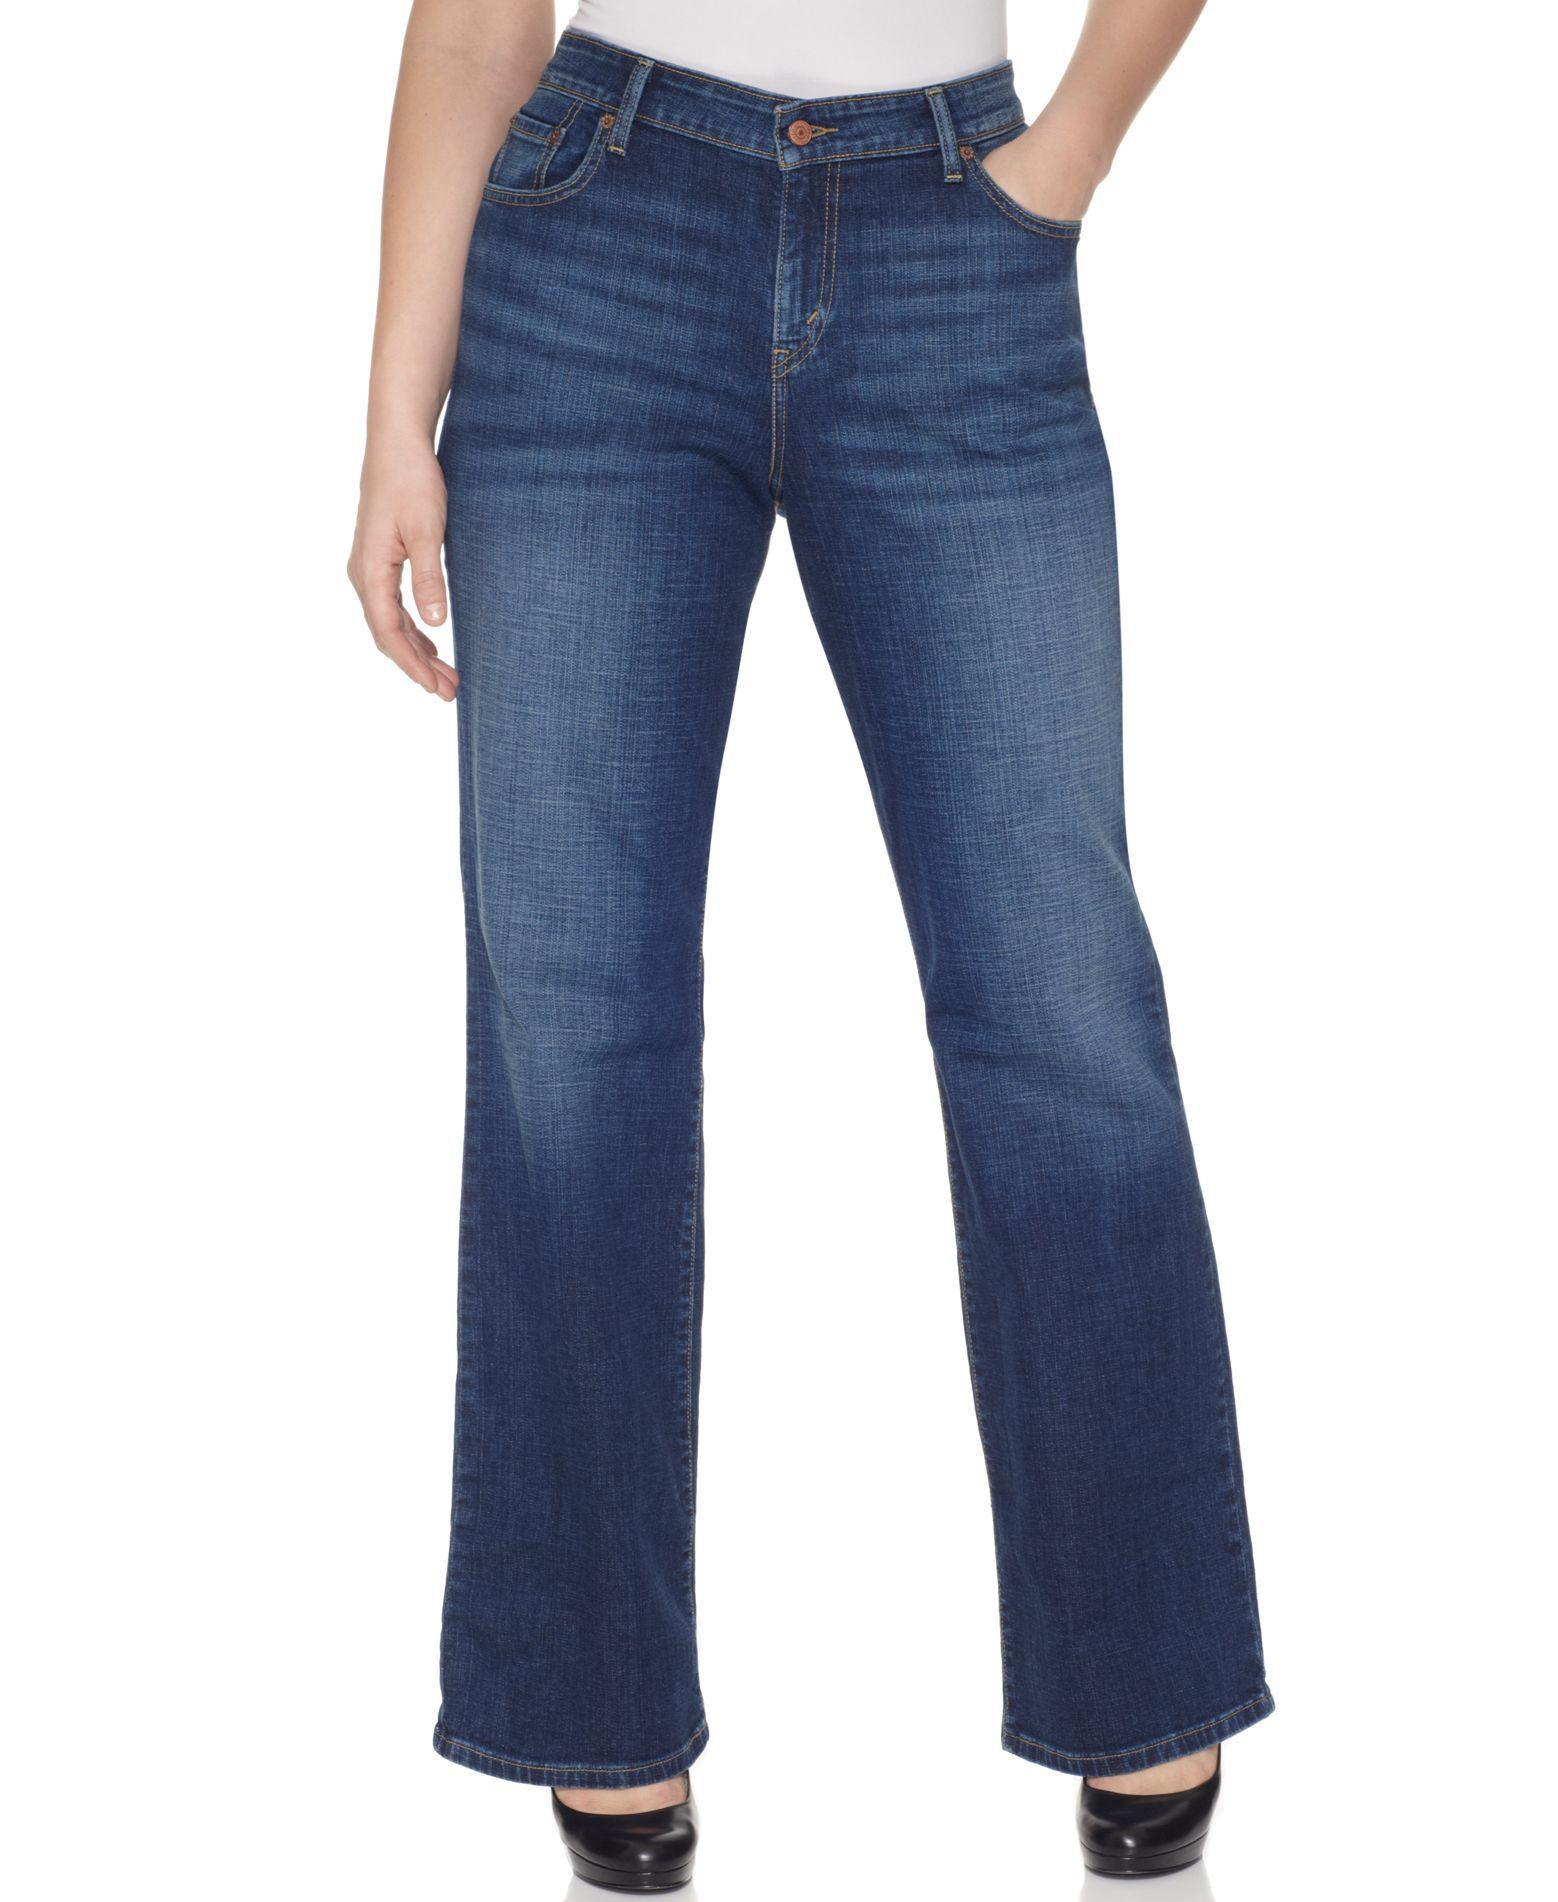 a646c5b7b36de Levi s Plus Size 580 Curvy Defined Waist Bootcut Jeans